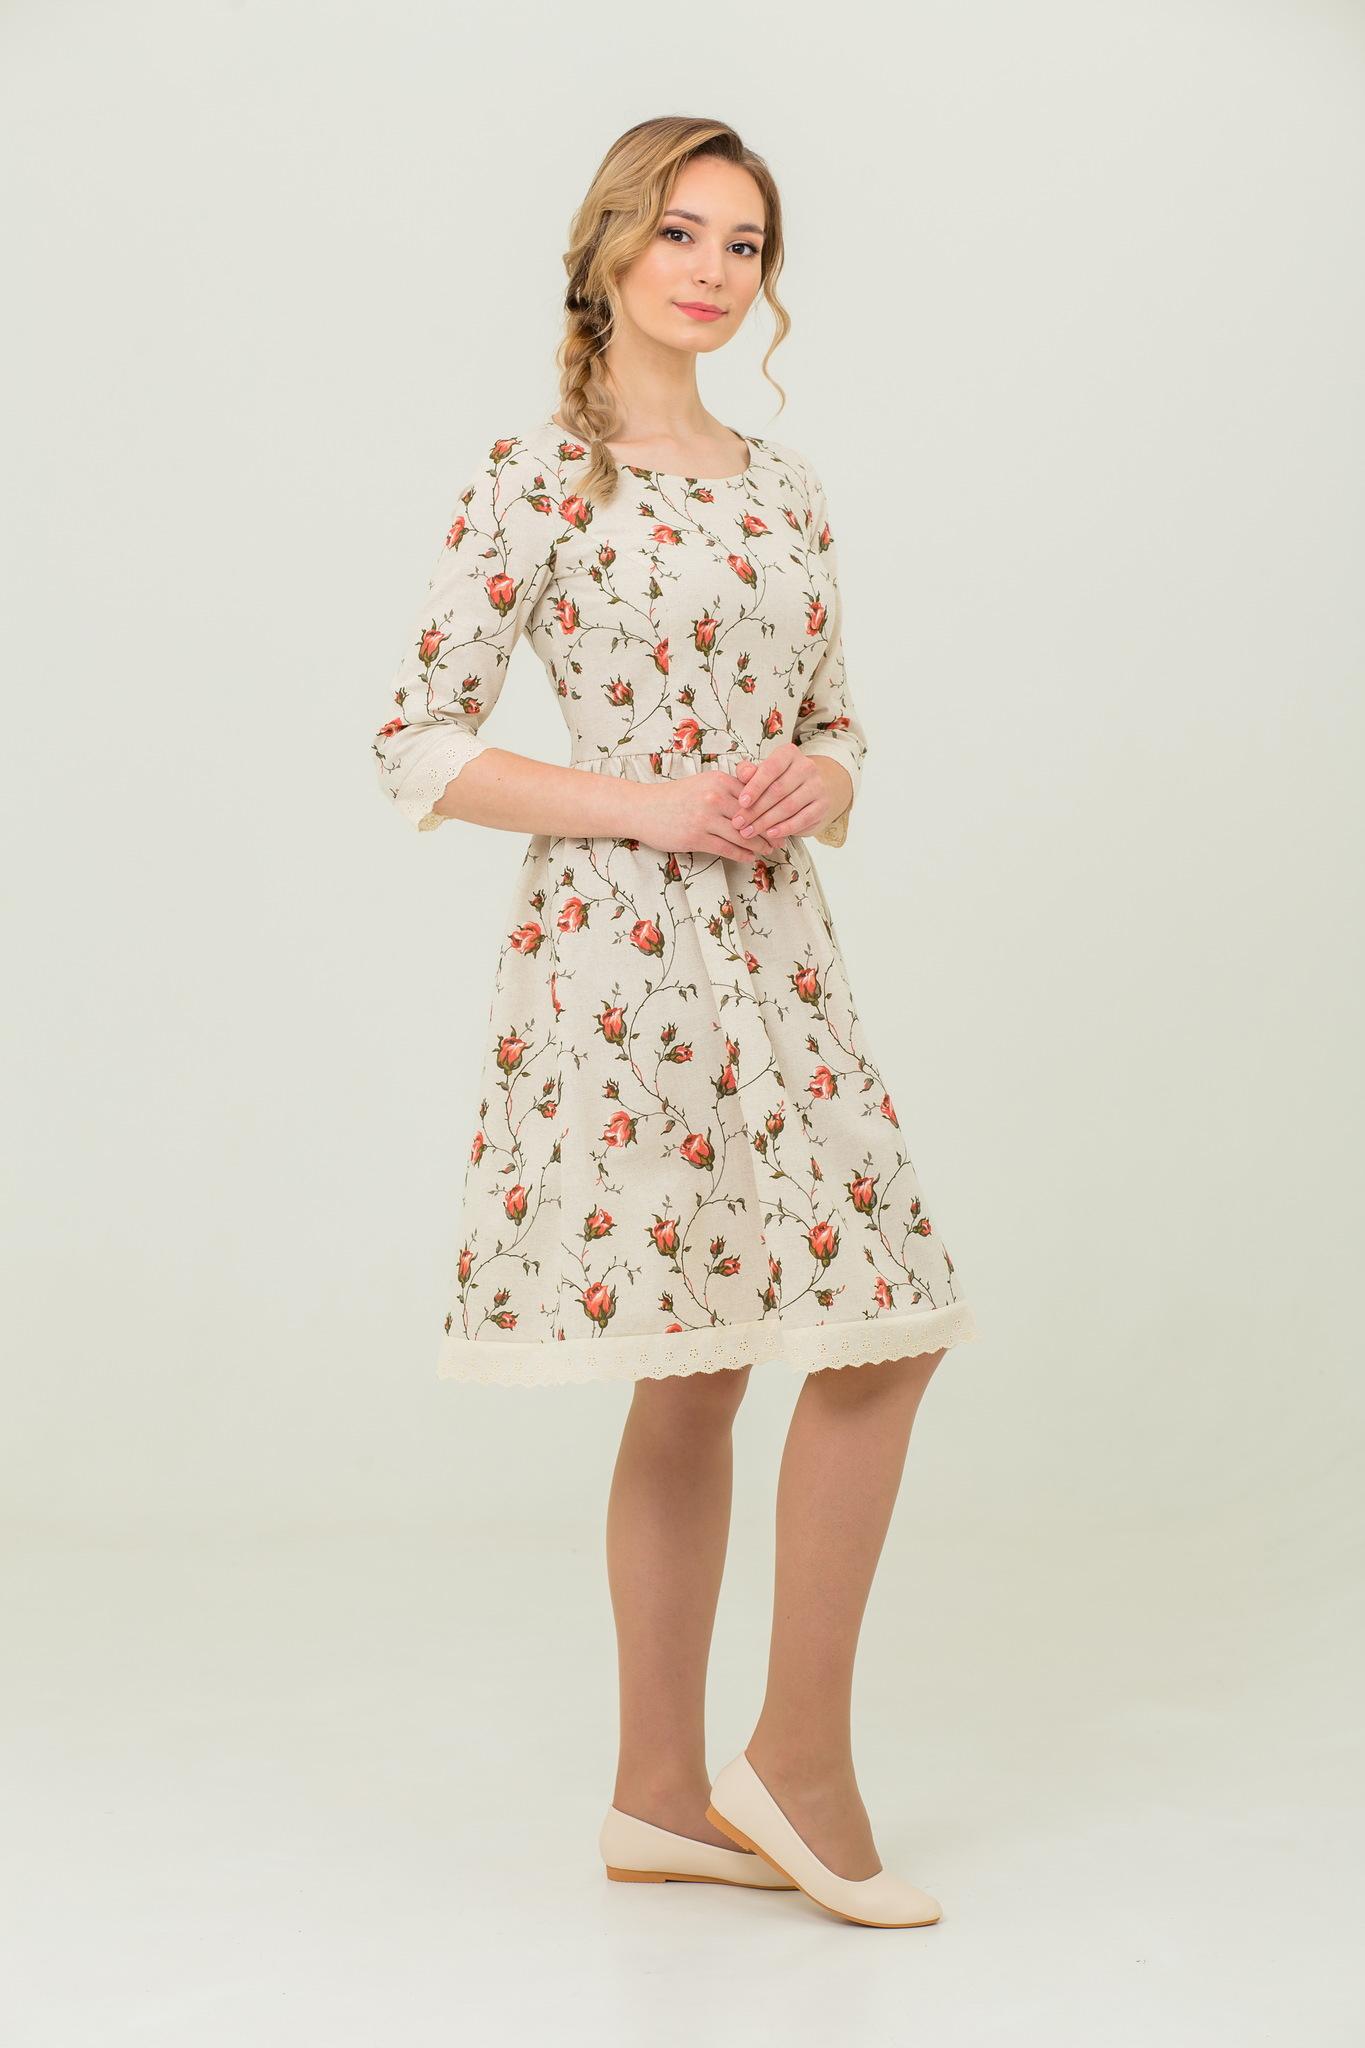 Платье из льна и хлопка Мрия купить